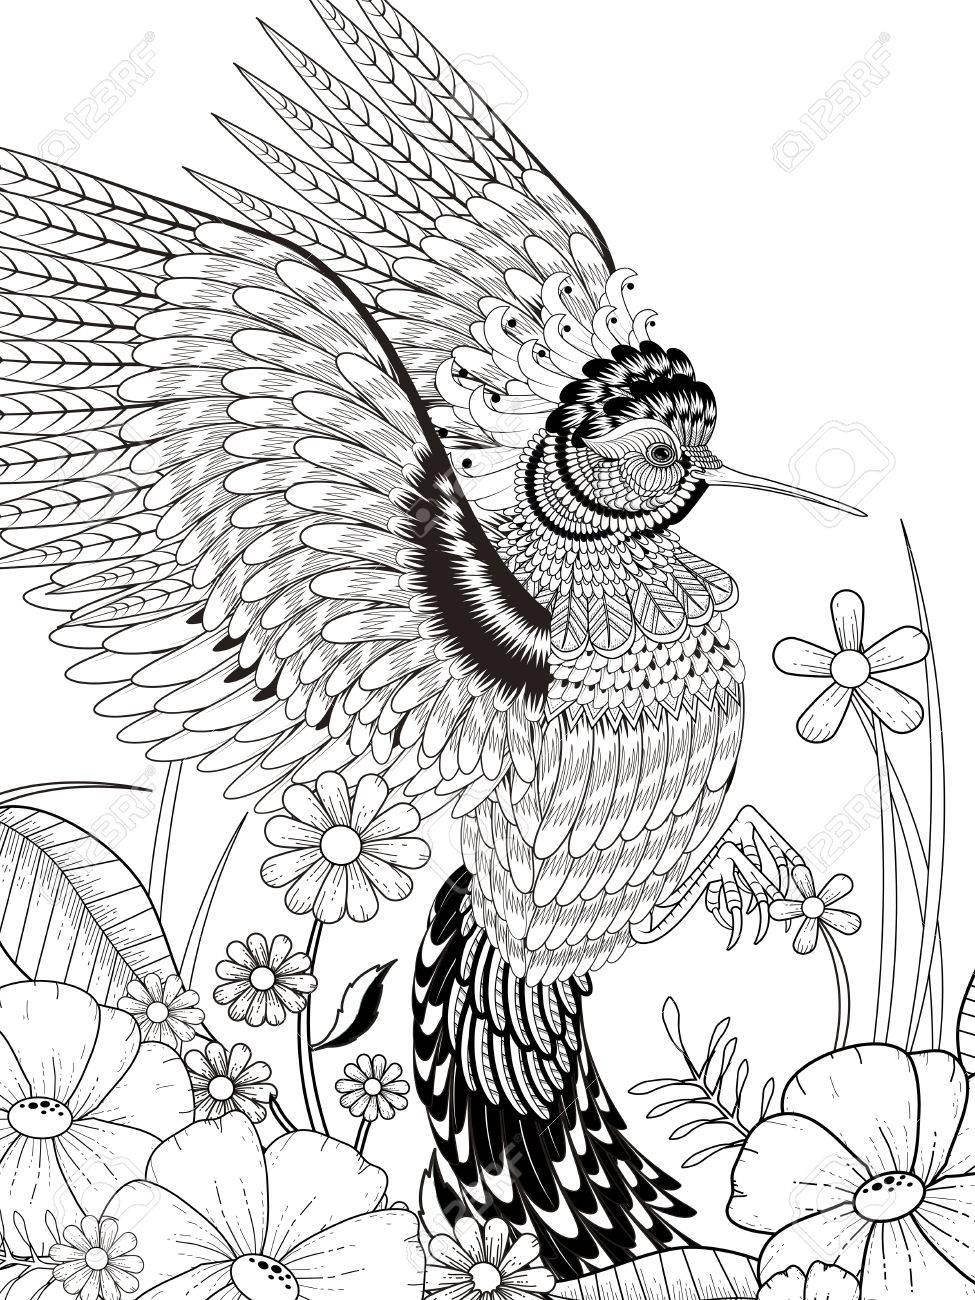 Schöne Kolibri Malvorlagen In Exquisite Linie Lizenzfrei Nutzbare ...